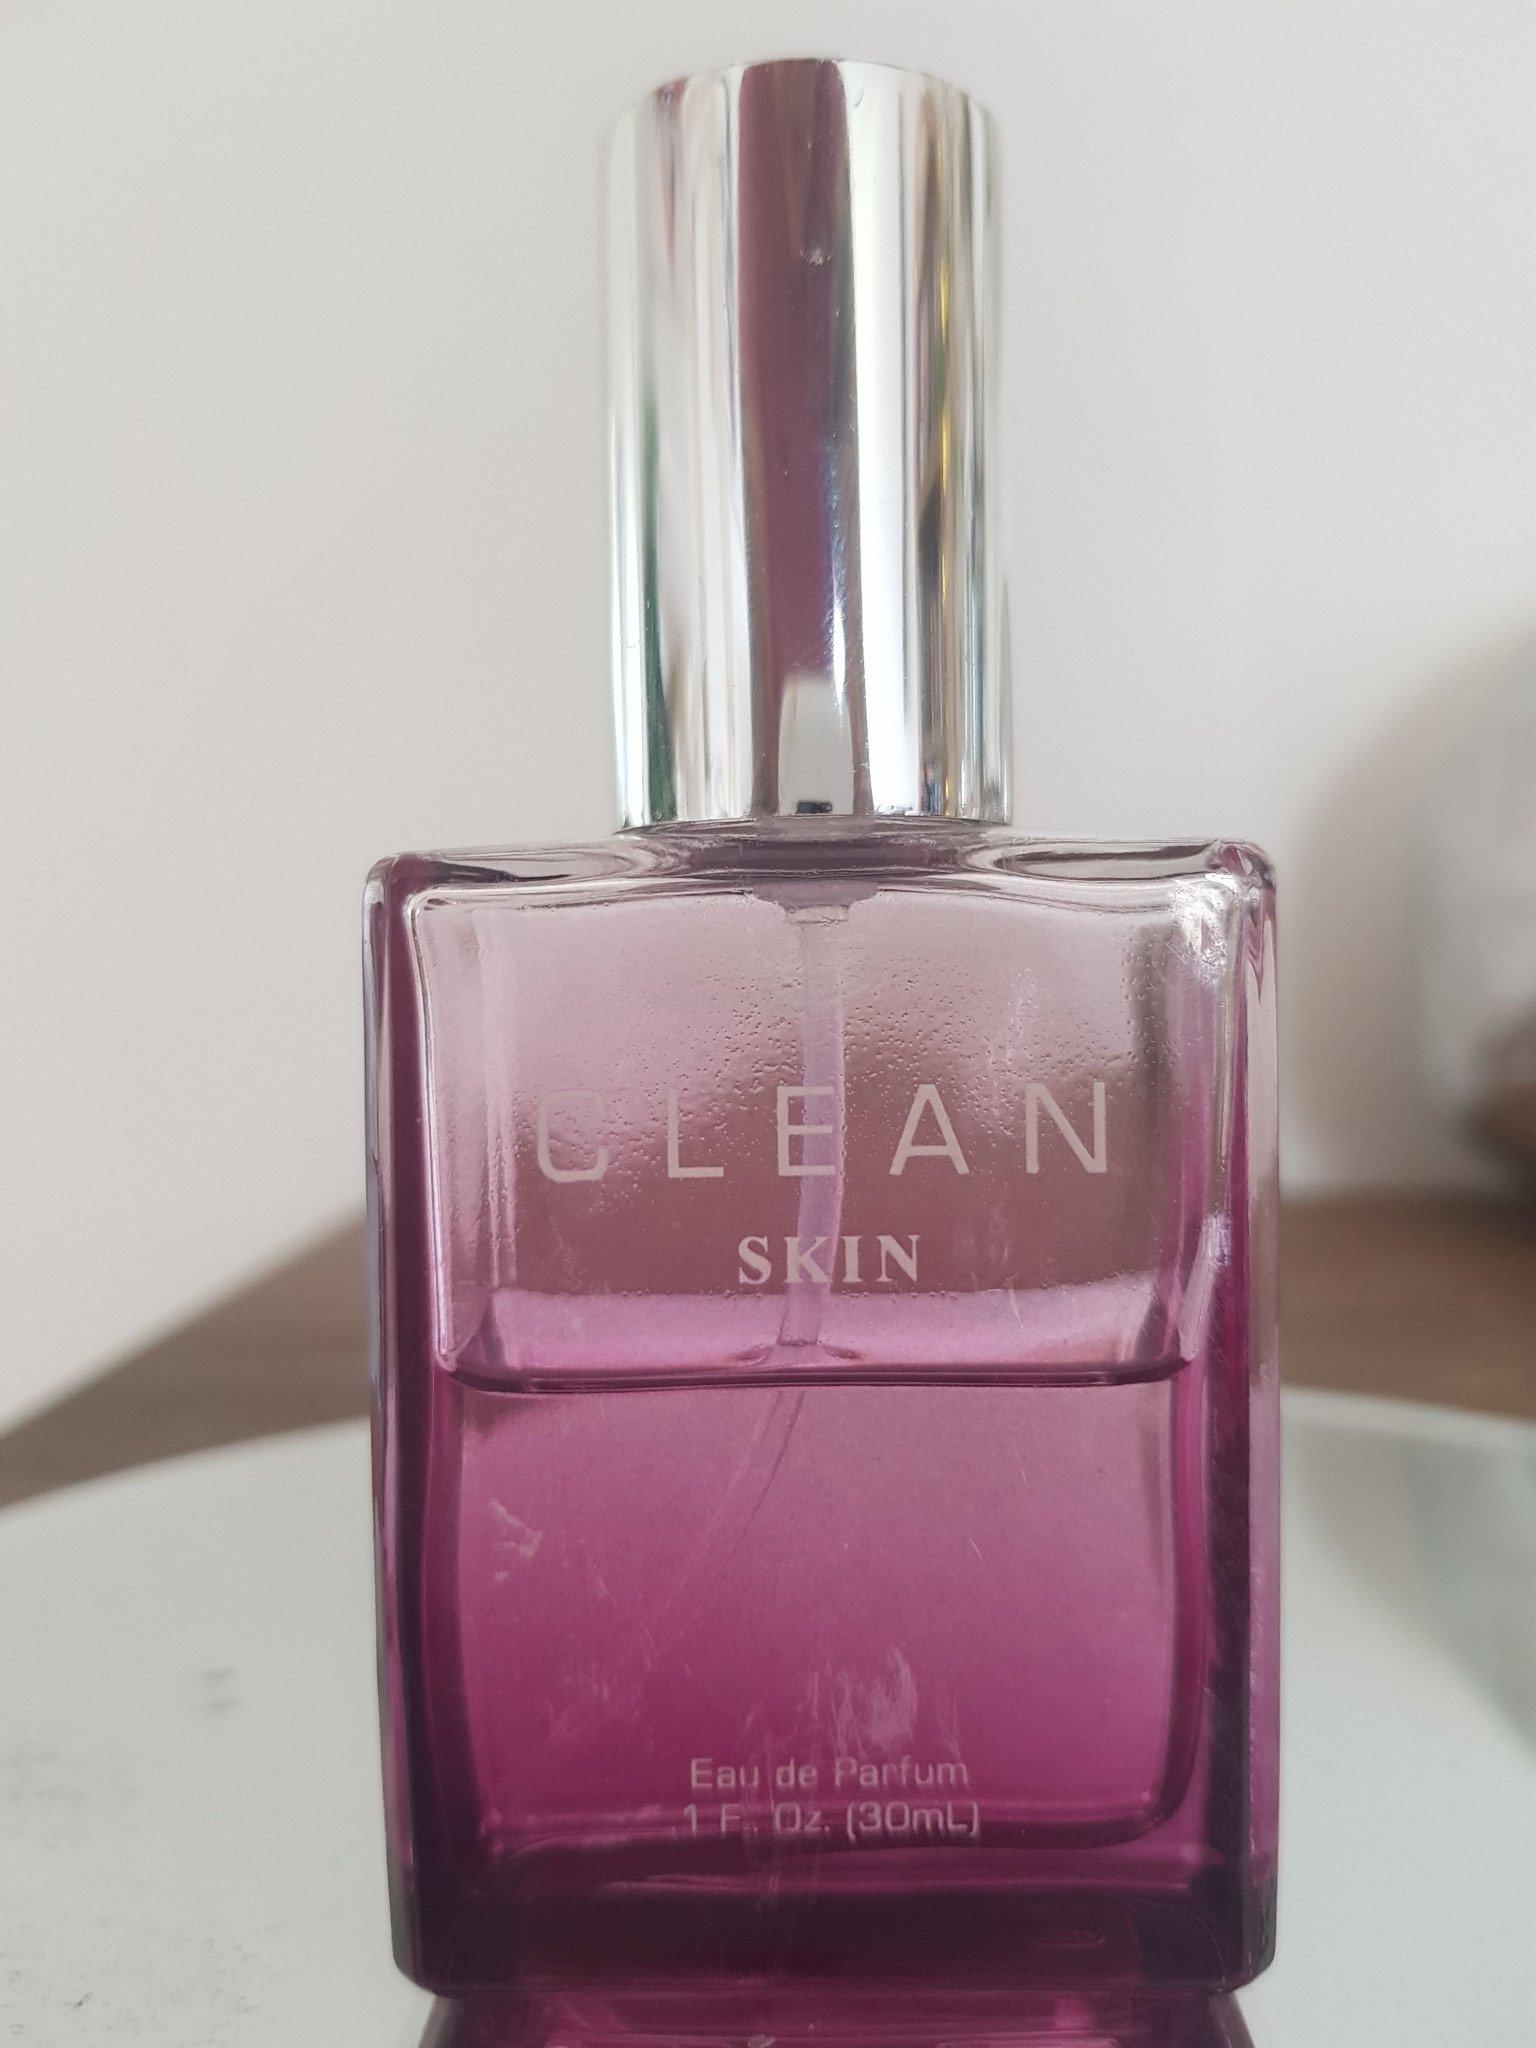 Clean Skin EdP 30 ml parfym (394245237) ᐈ Köp på Tradera